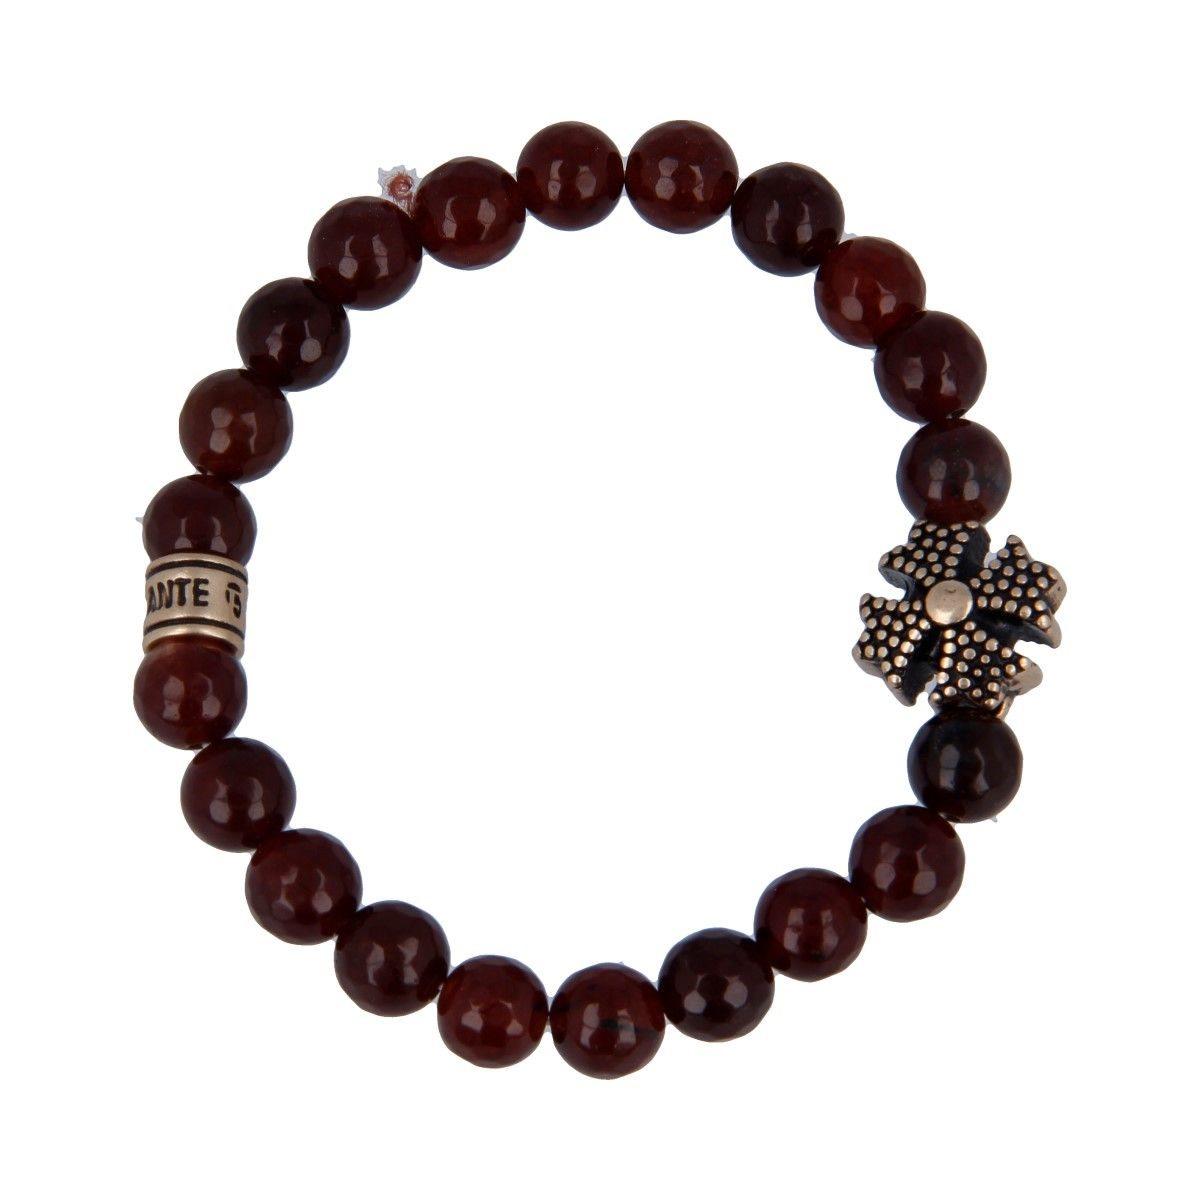 Bracciale Emozionale Agata Rossa Inserto Croce di Malta - Donna